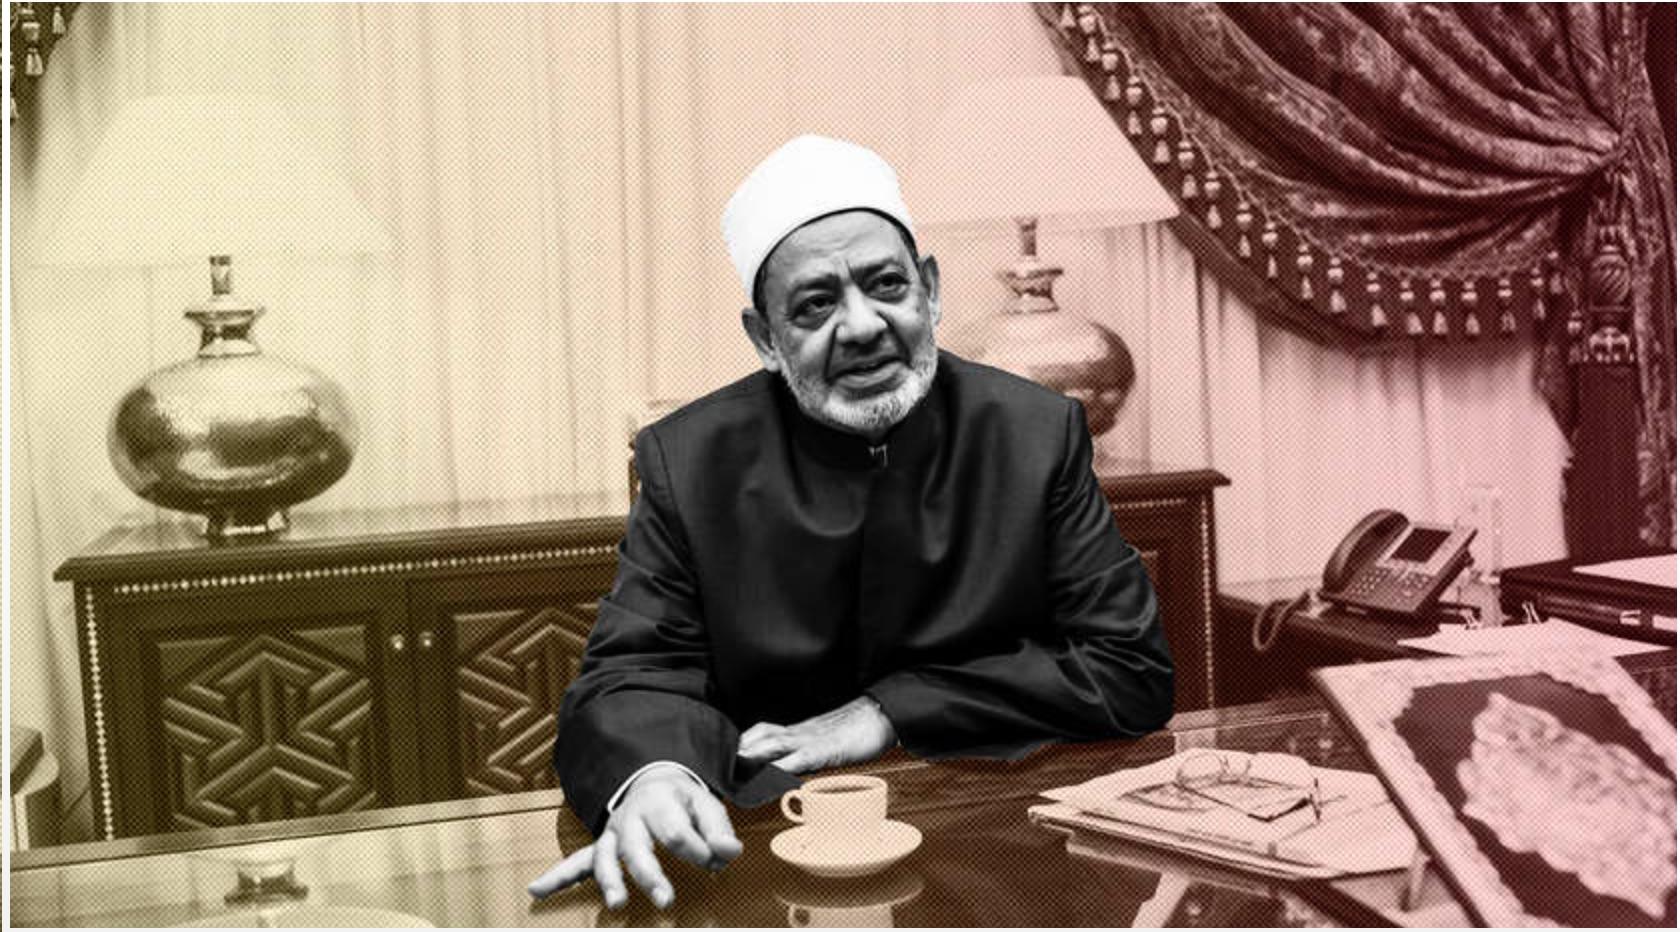 Egypt's Al-Azhar retreats from fatwa on beating women